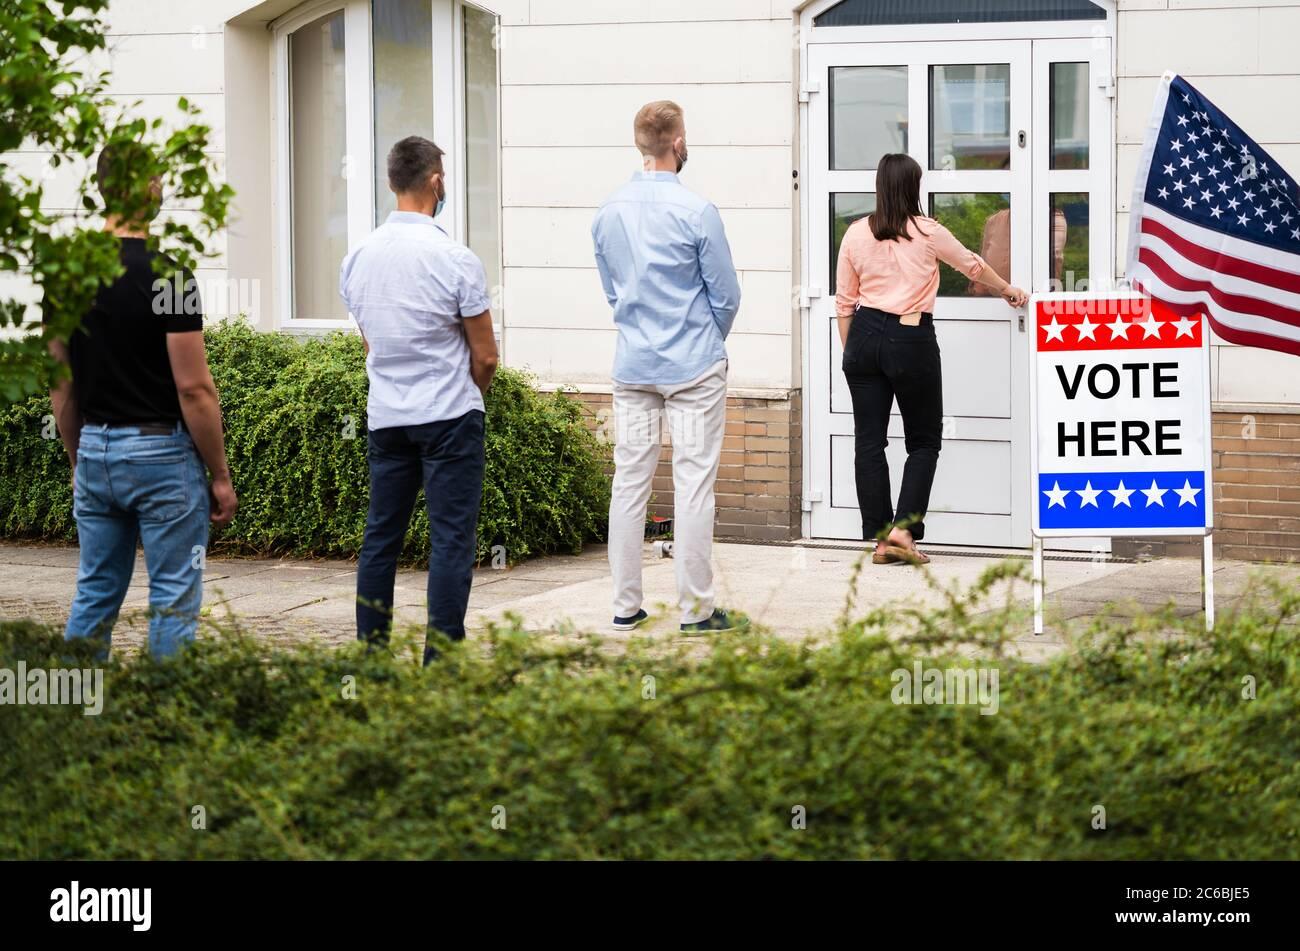 Stimme Ort Zeichen Am Wahlplatz Oder Stand Stockfoto